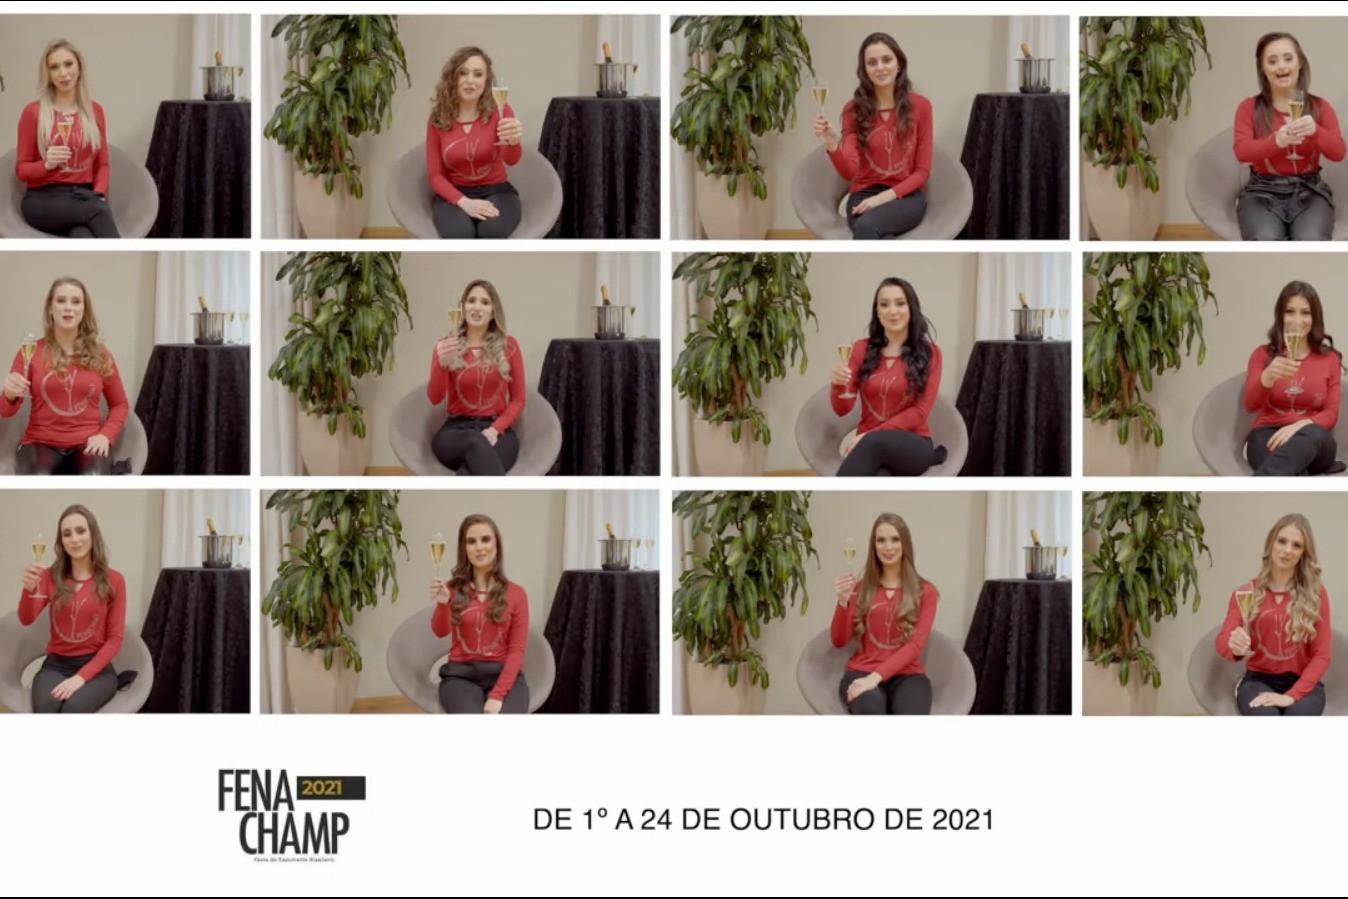 Foto Fenachamp 2021 divulga vídeo com candidatas à soberanas do evento